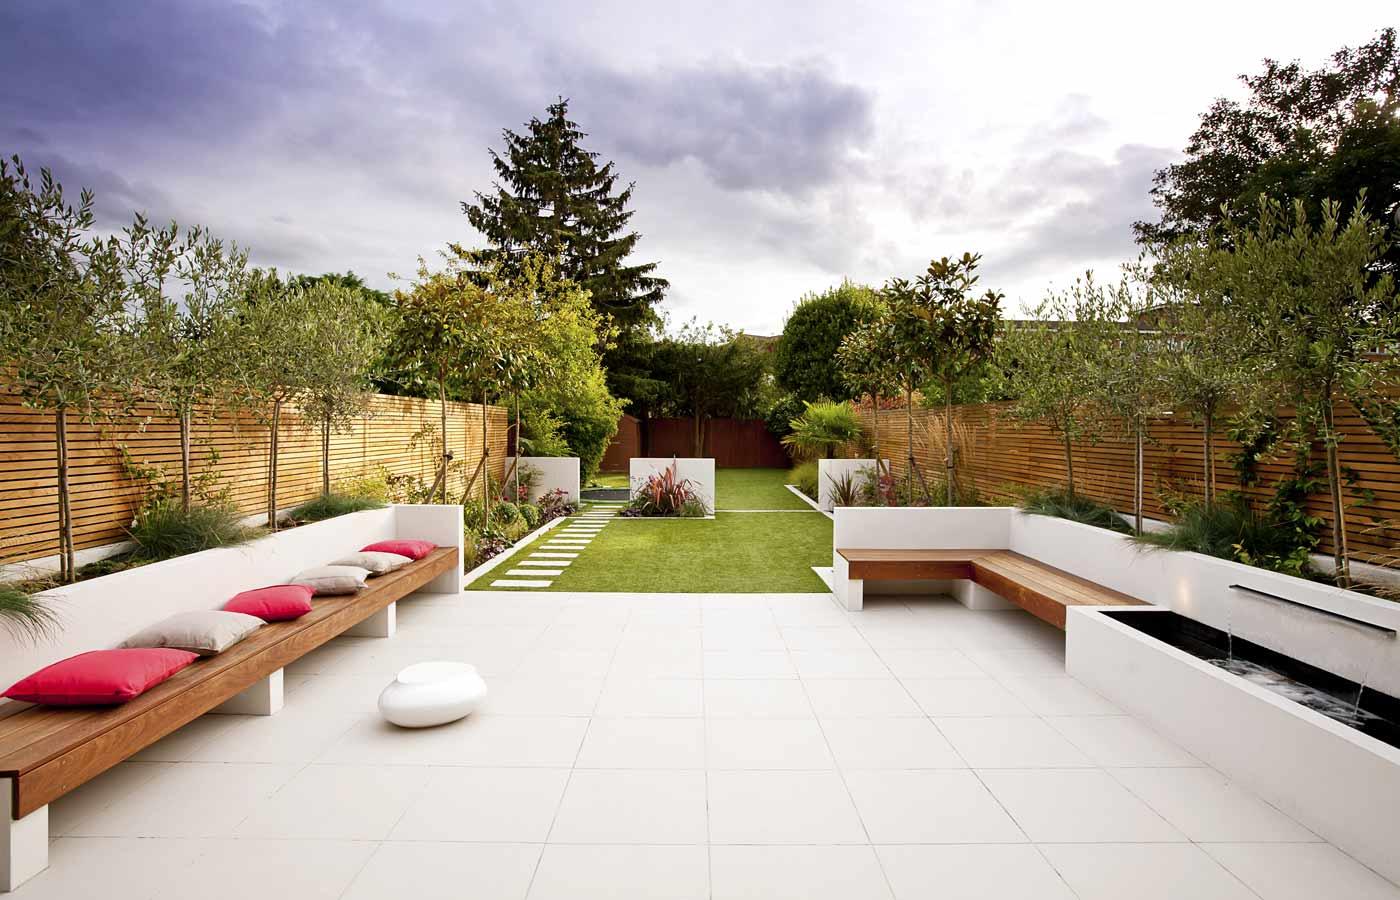 Long Thin Garden Design   Family Garden Design on Long Backyard Landscaping Ideas id=23297